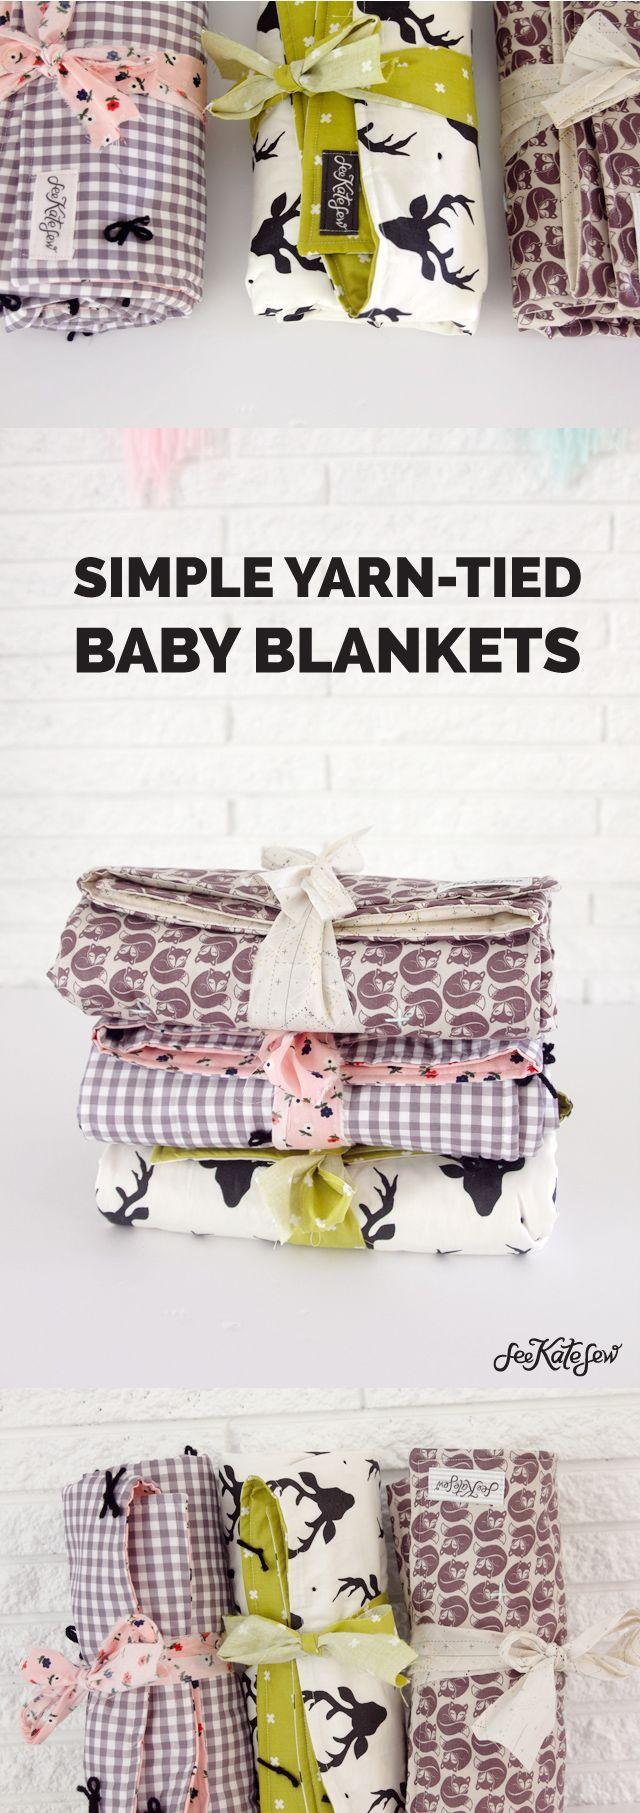 Simple Yarn Tied Baby Blanket | See Kate Sew